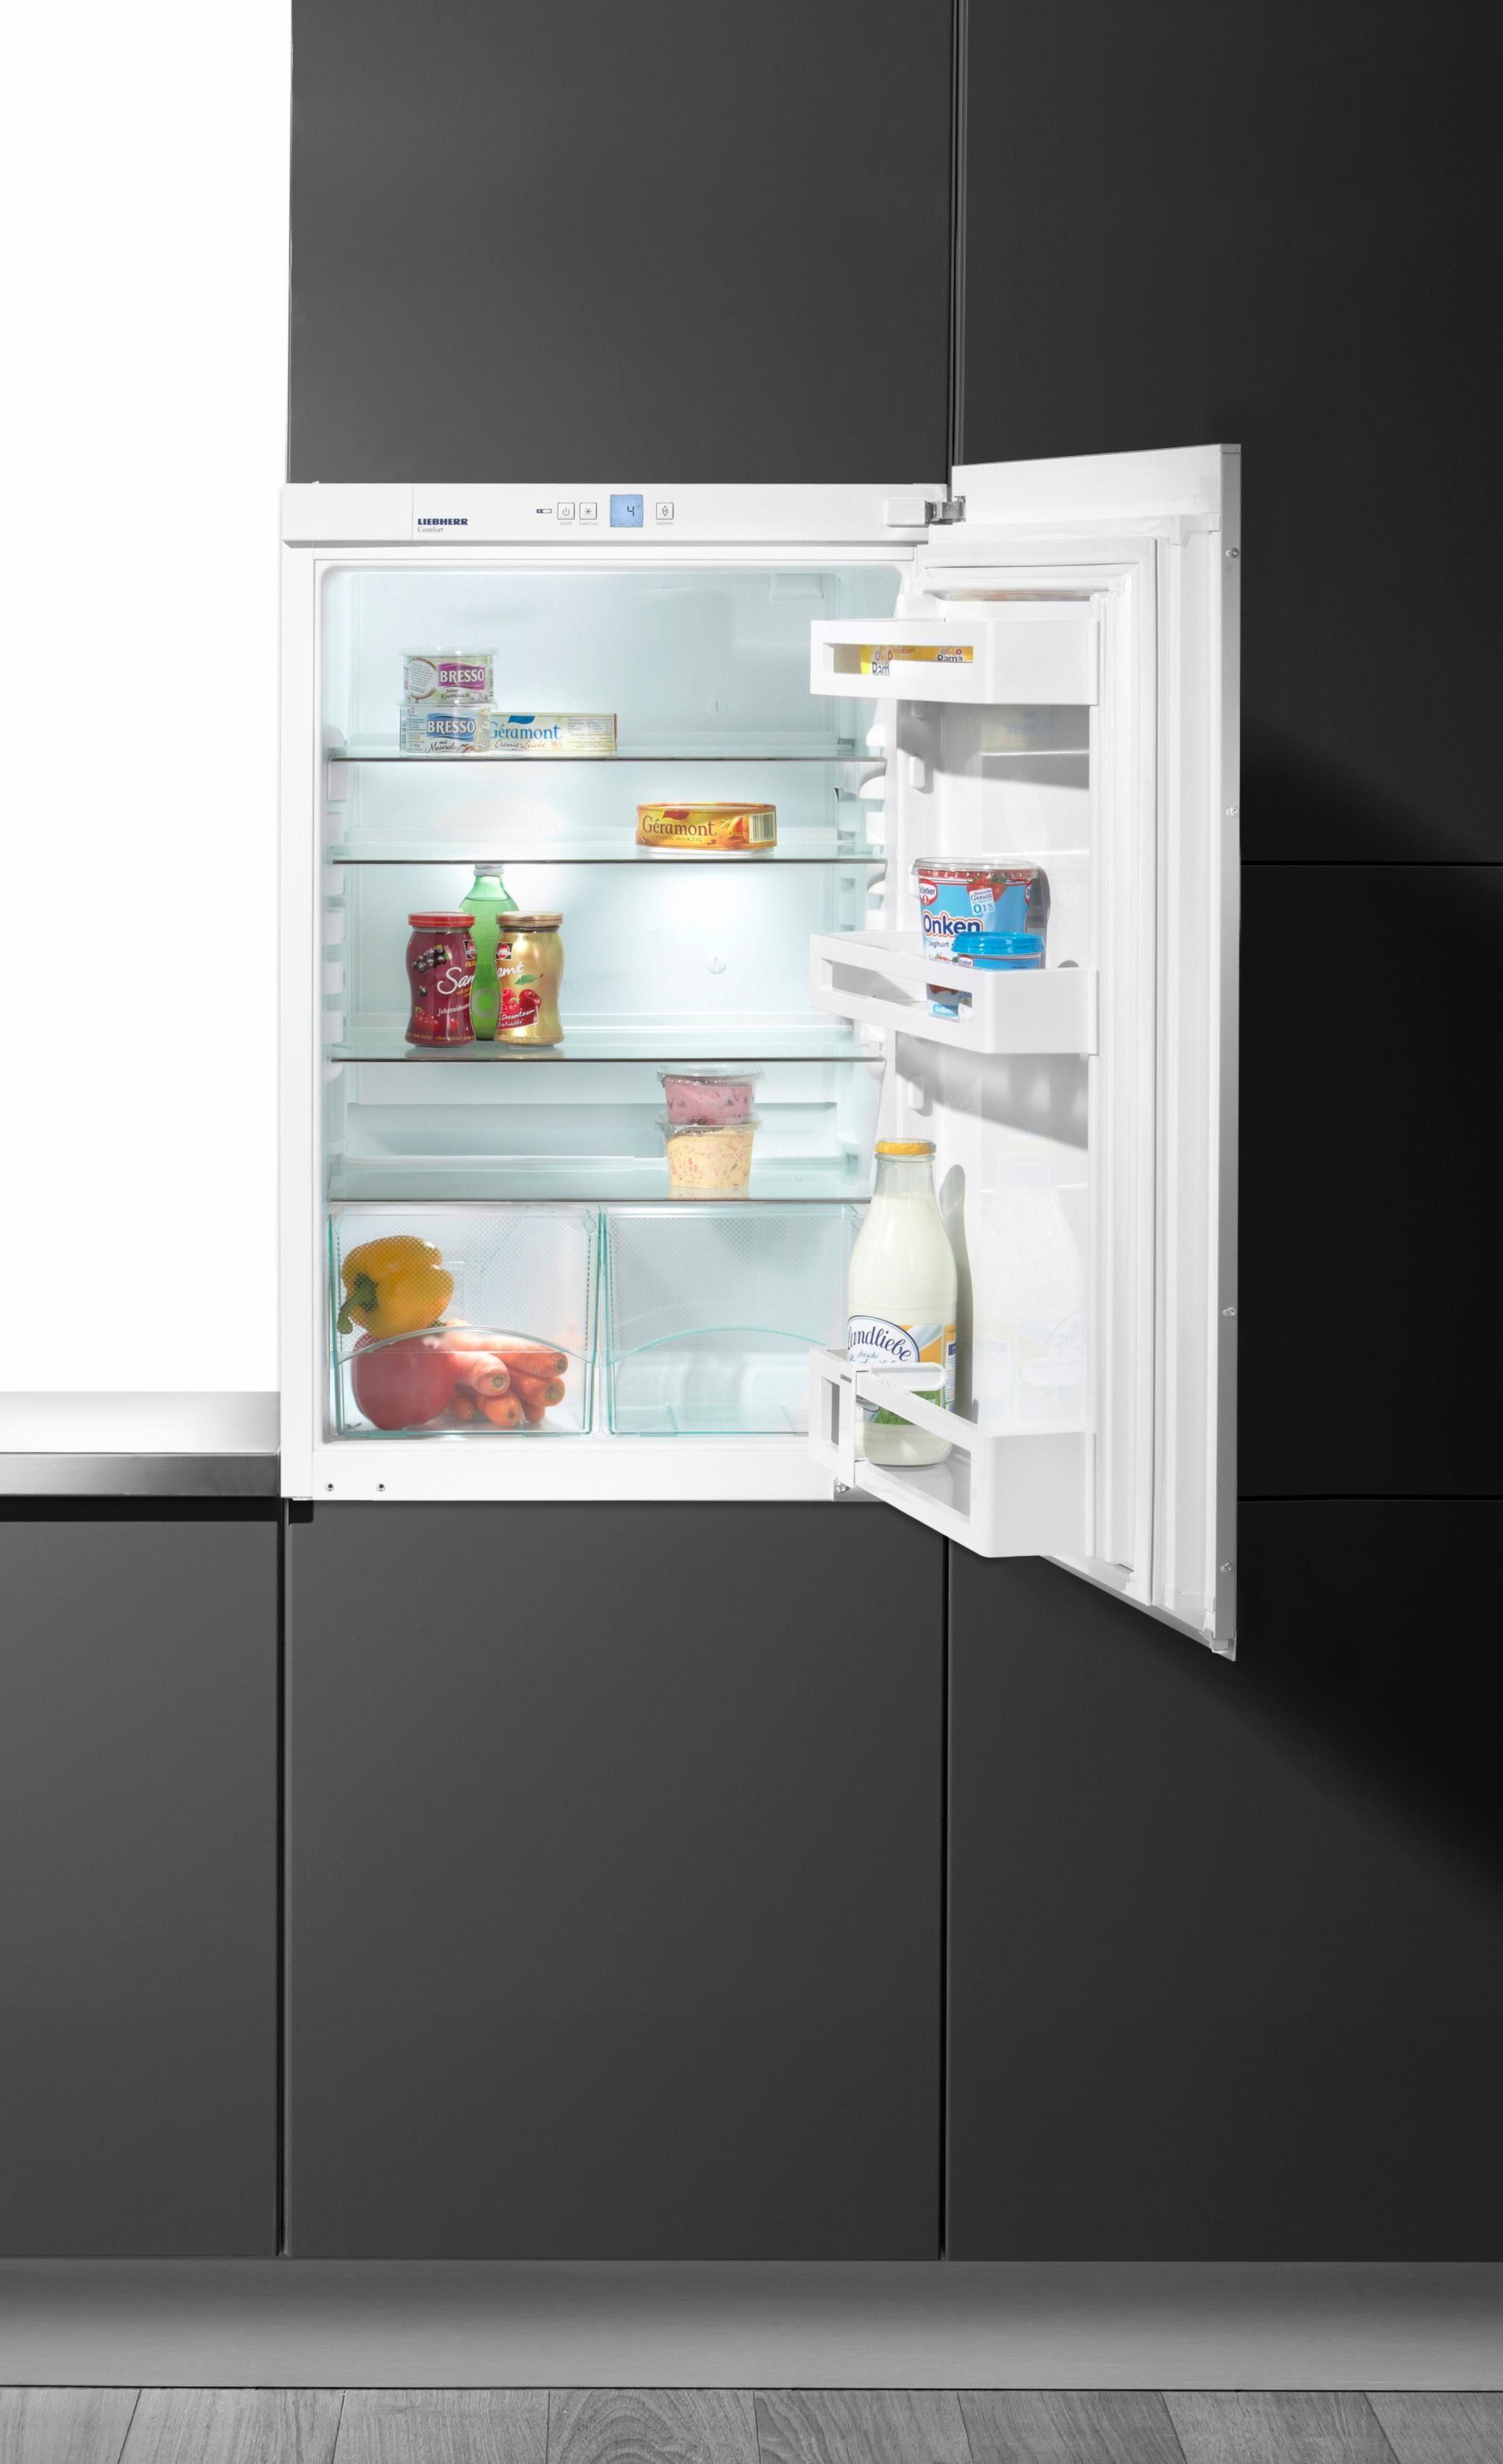 Liebherr dekorfähiger Einbau-Kühlschrank EK 1610-20, A++, 88er Nische